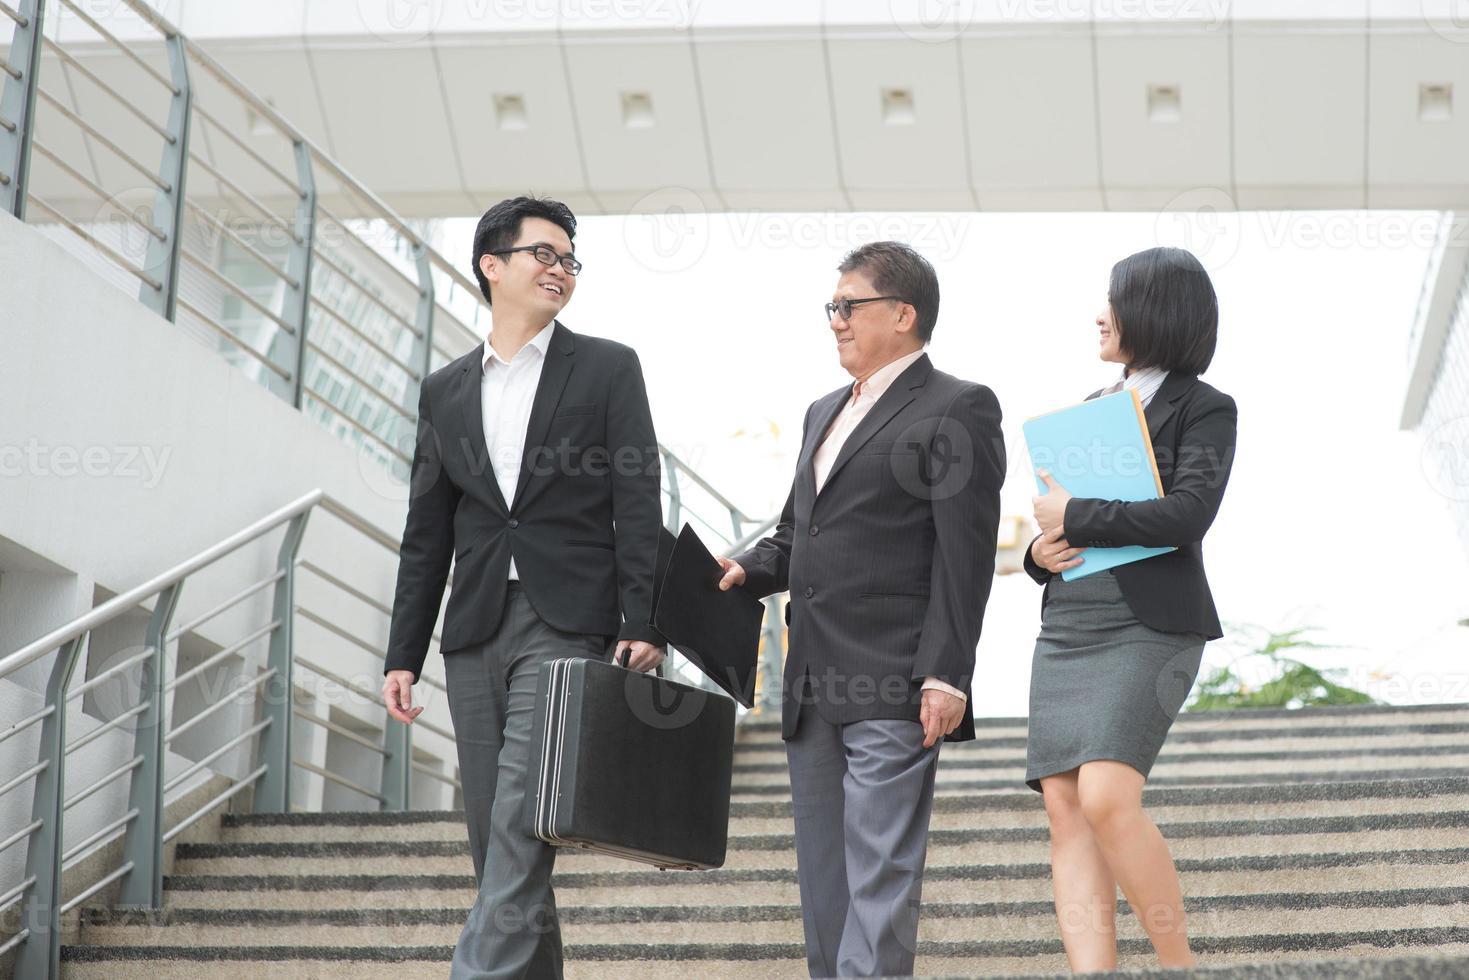 réunion de l'équipe commerciale asiatique photo